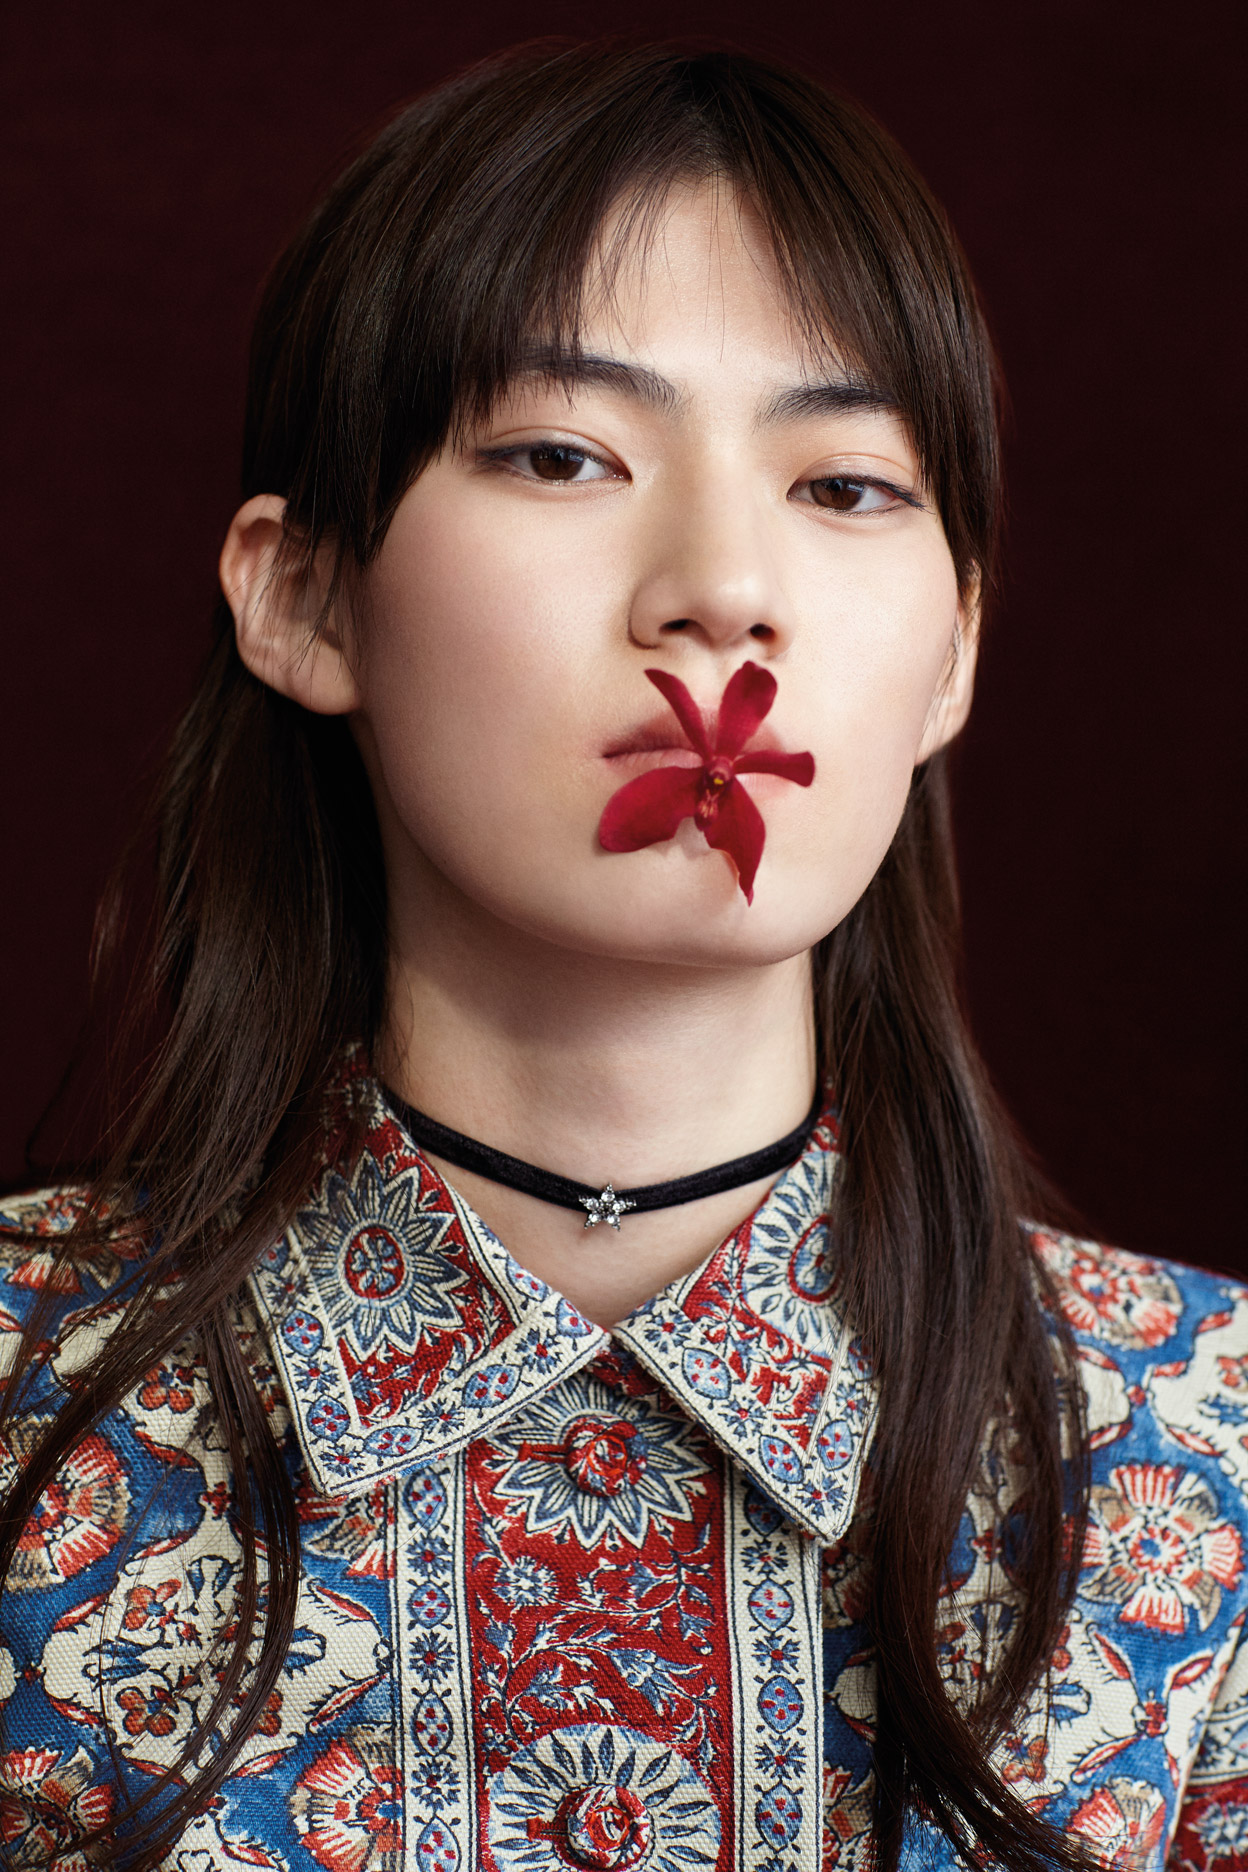 Numéro Japan, June 2017 | Carlotta Manaigo | Numéro | Numerique Retouch Photo Retouching Studio